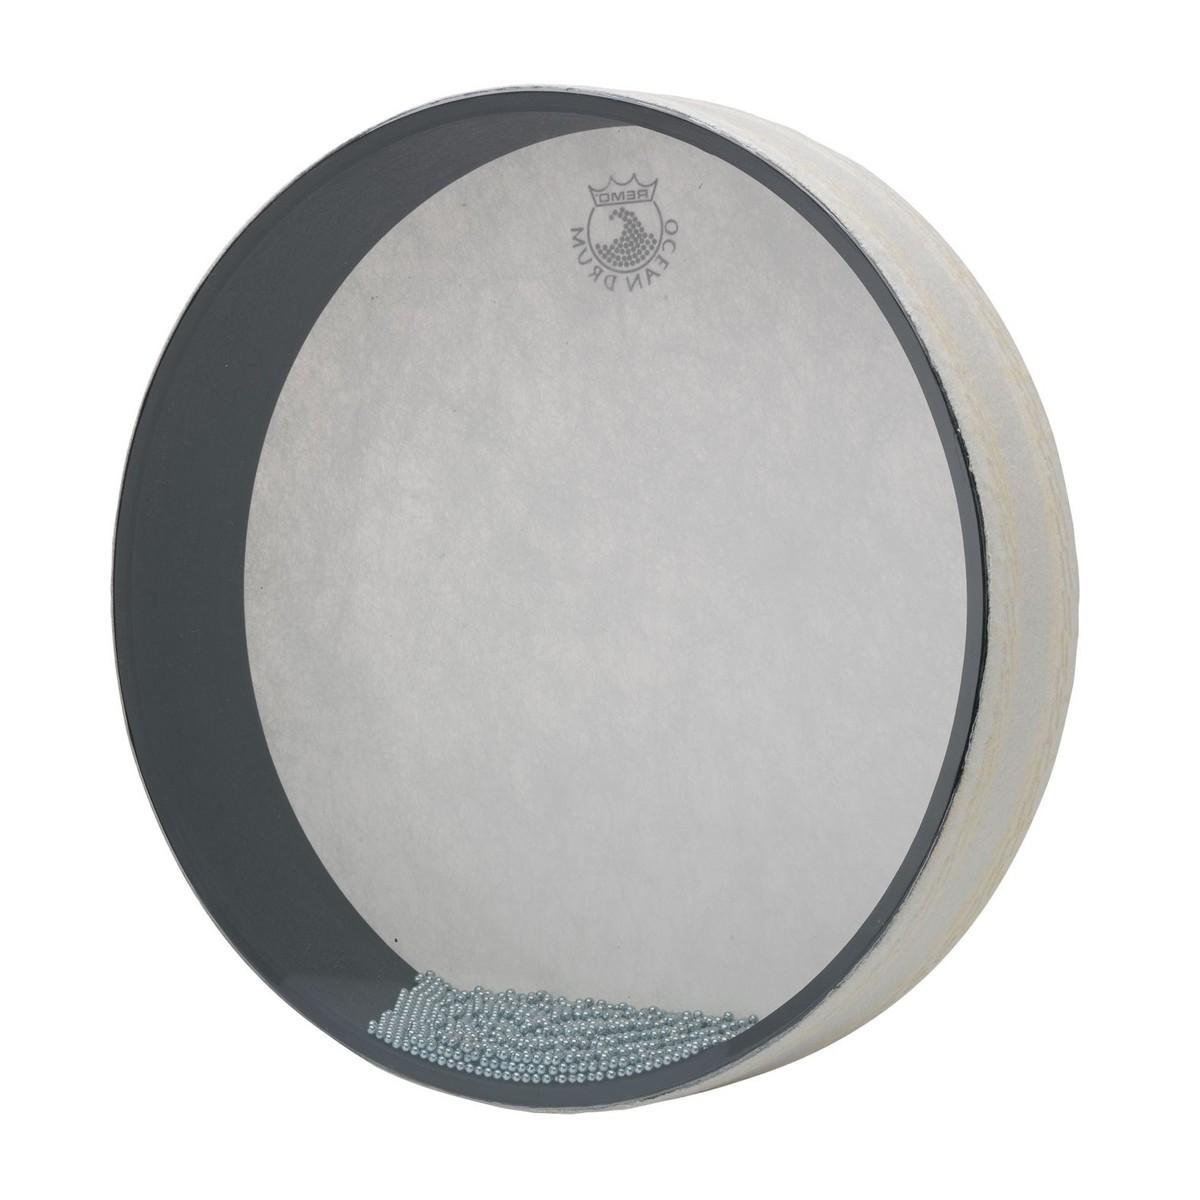 Remo Ocean Drum 12 X 25 White